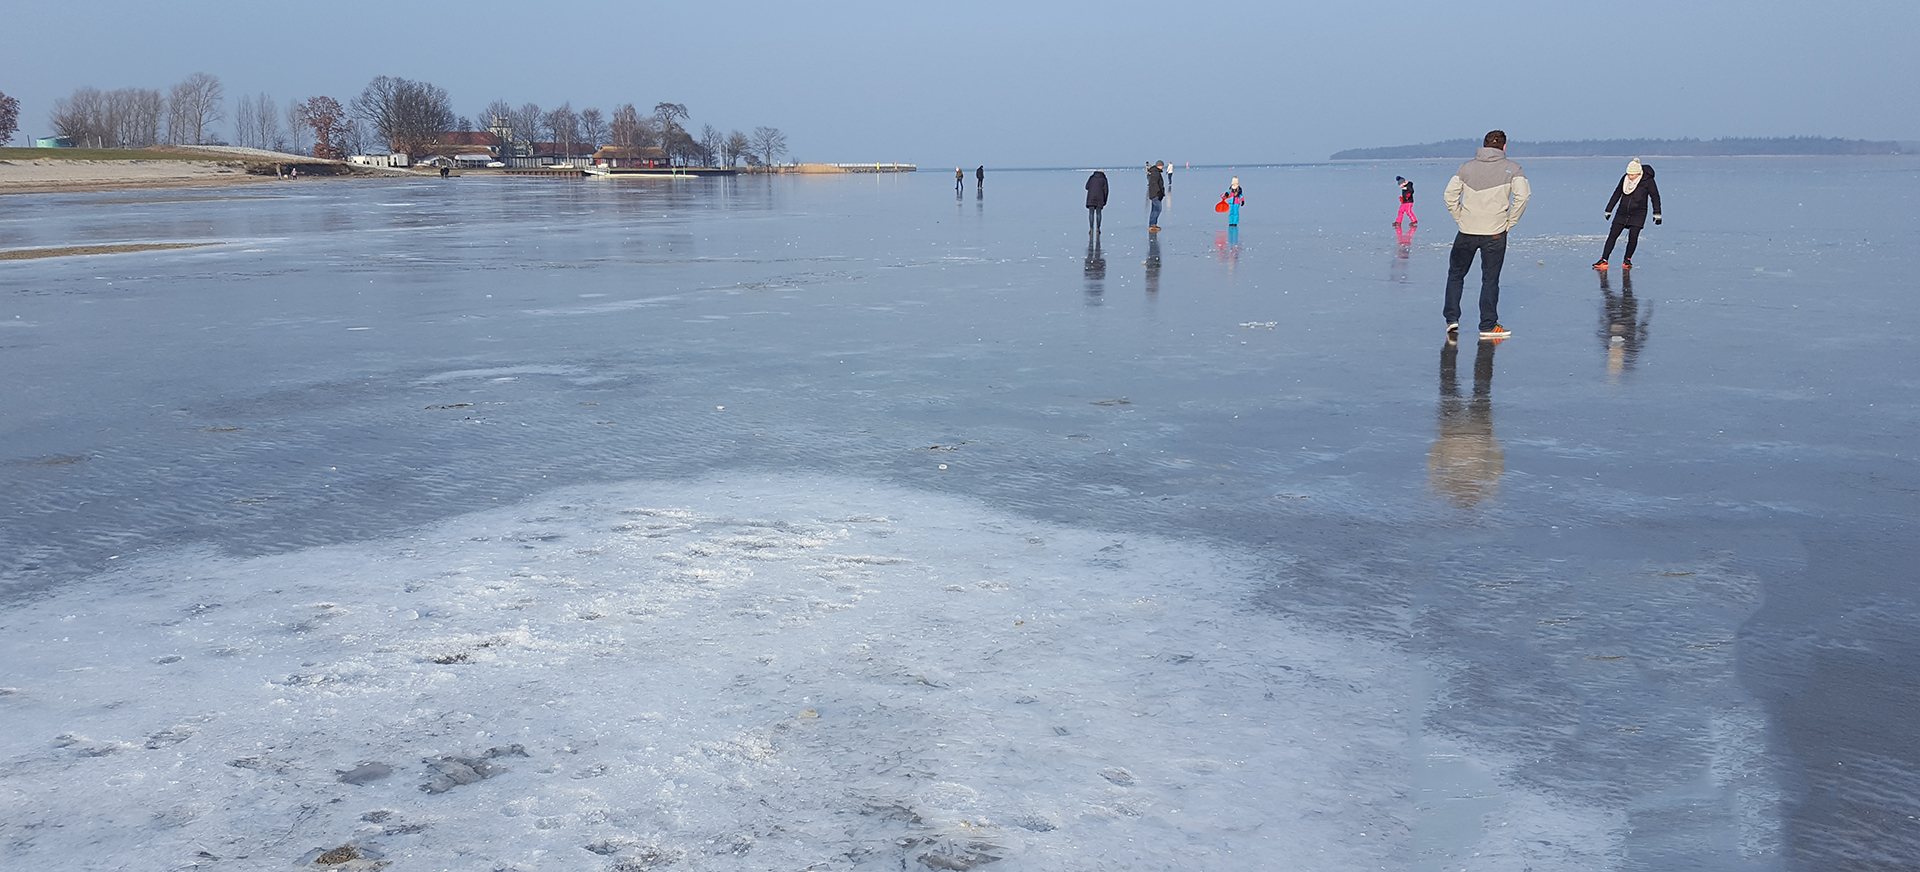 Spaß auf dem Eis am Strand in Greifswald-Eldena